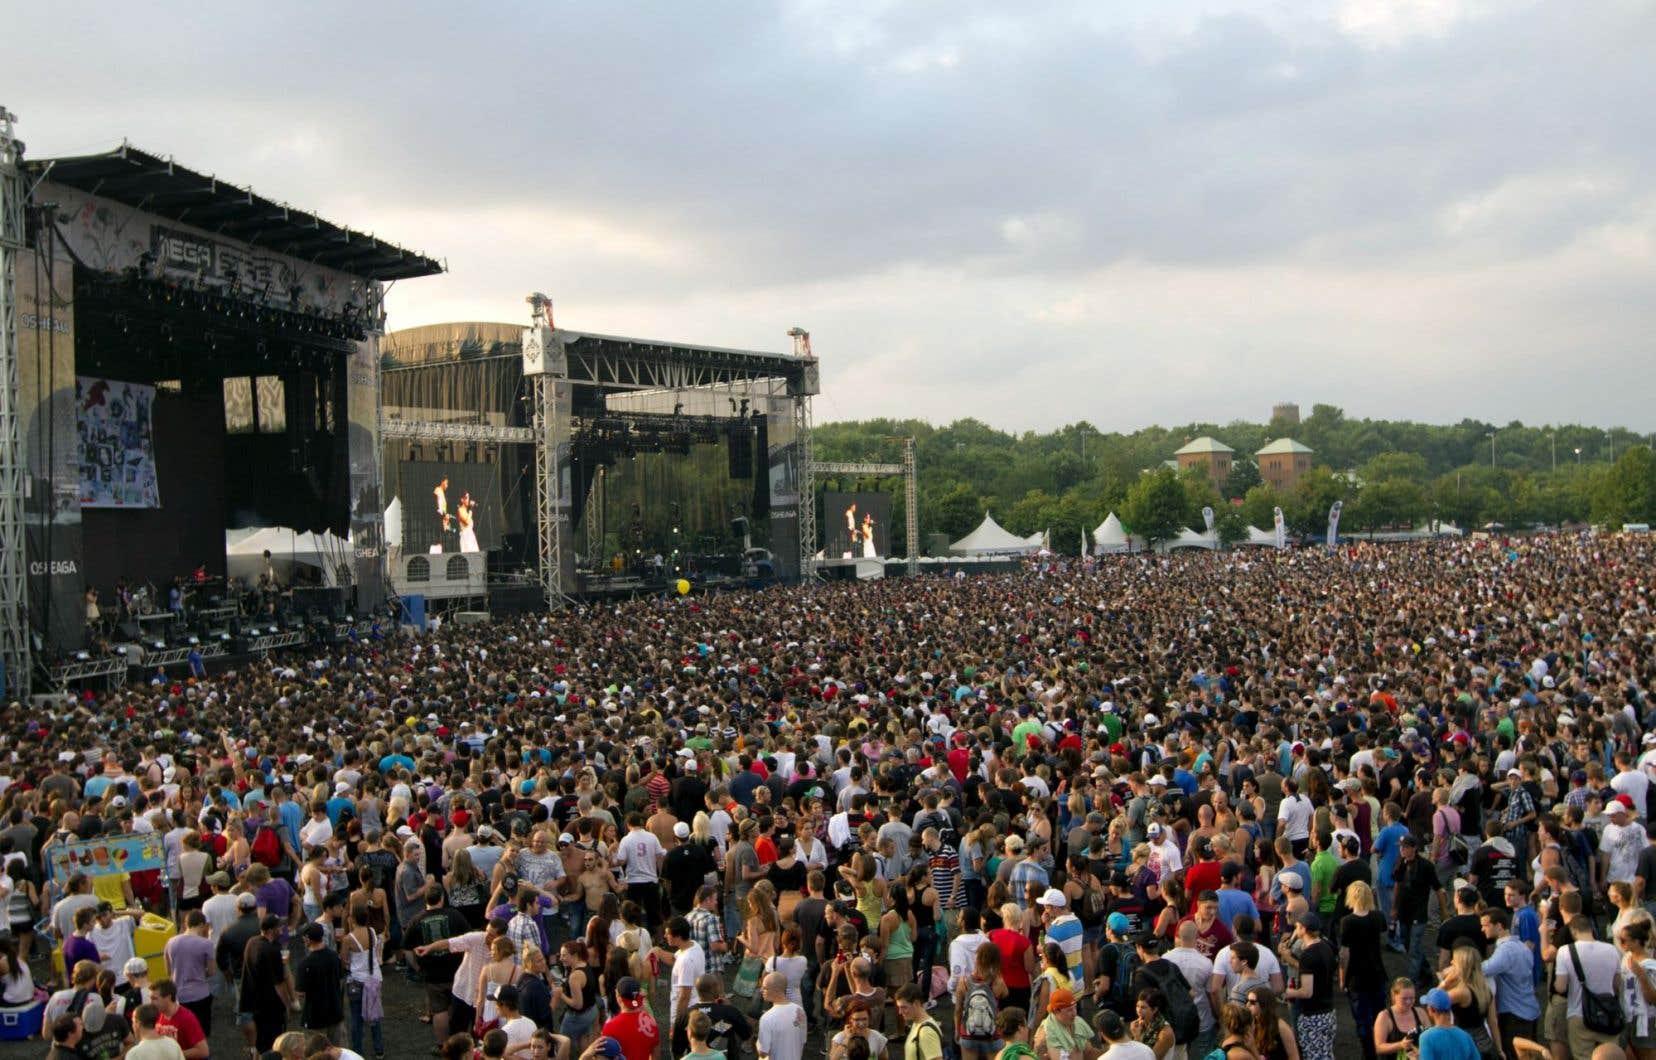 Vue d'un spectacle du rappeur Eminem au festival Osheaga, au parc Jean-Drapeau en 2011